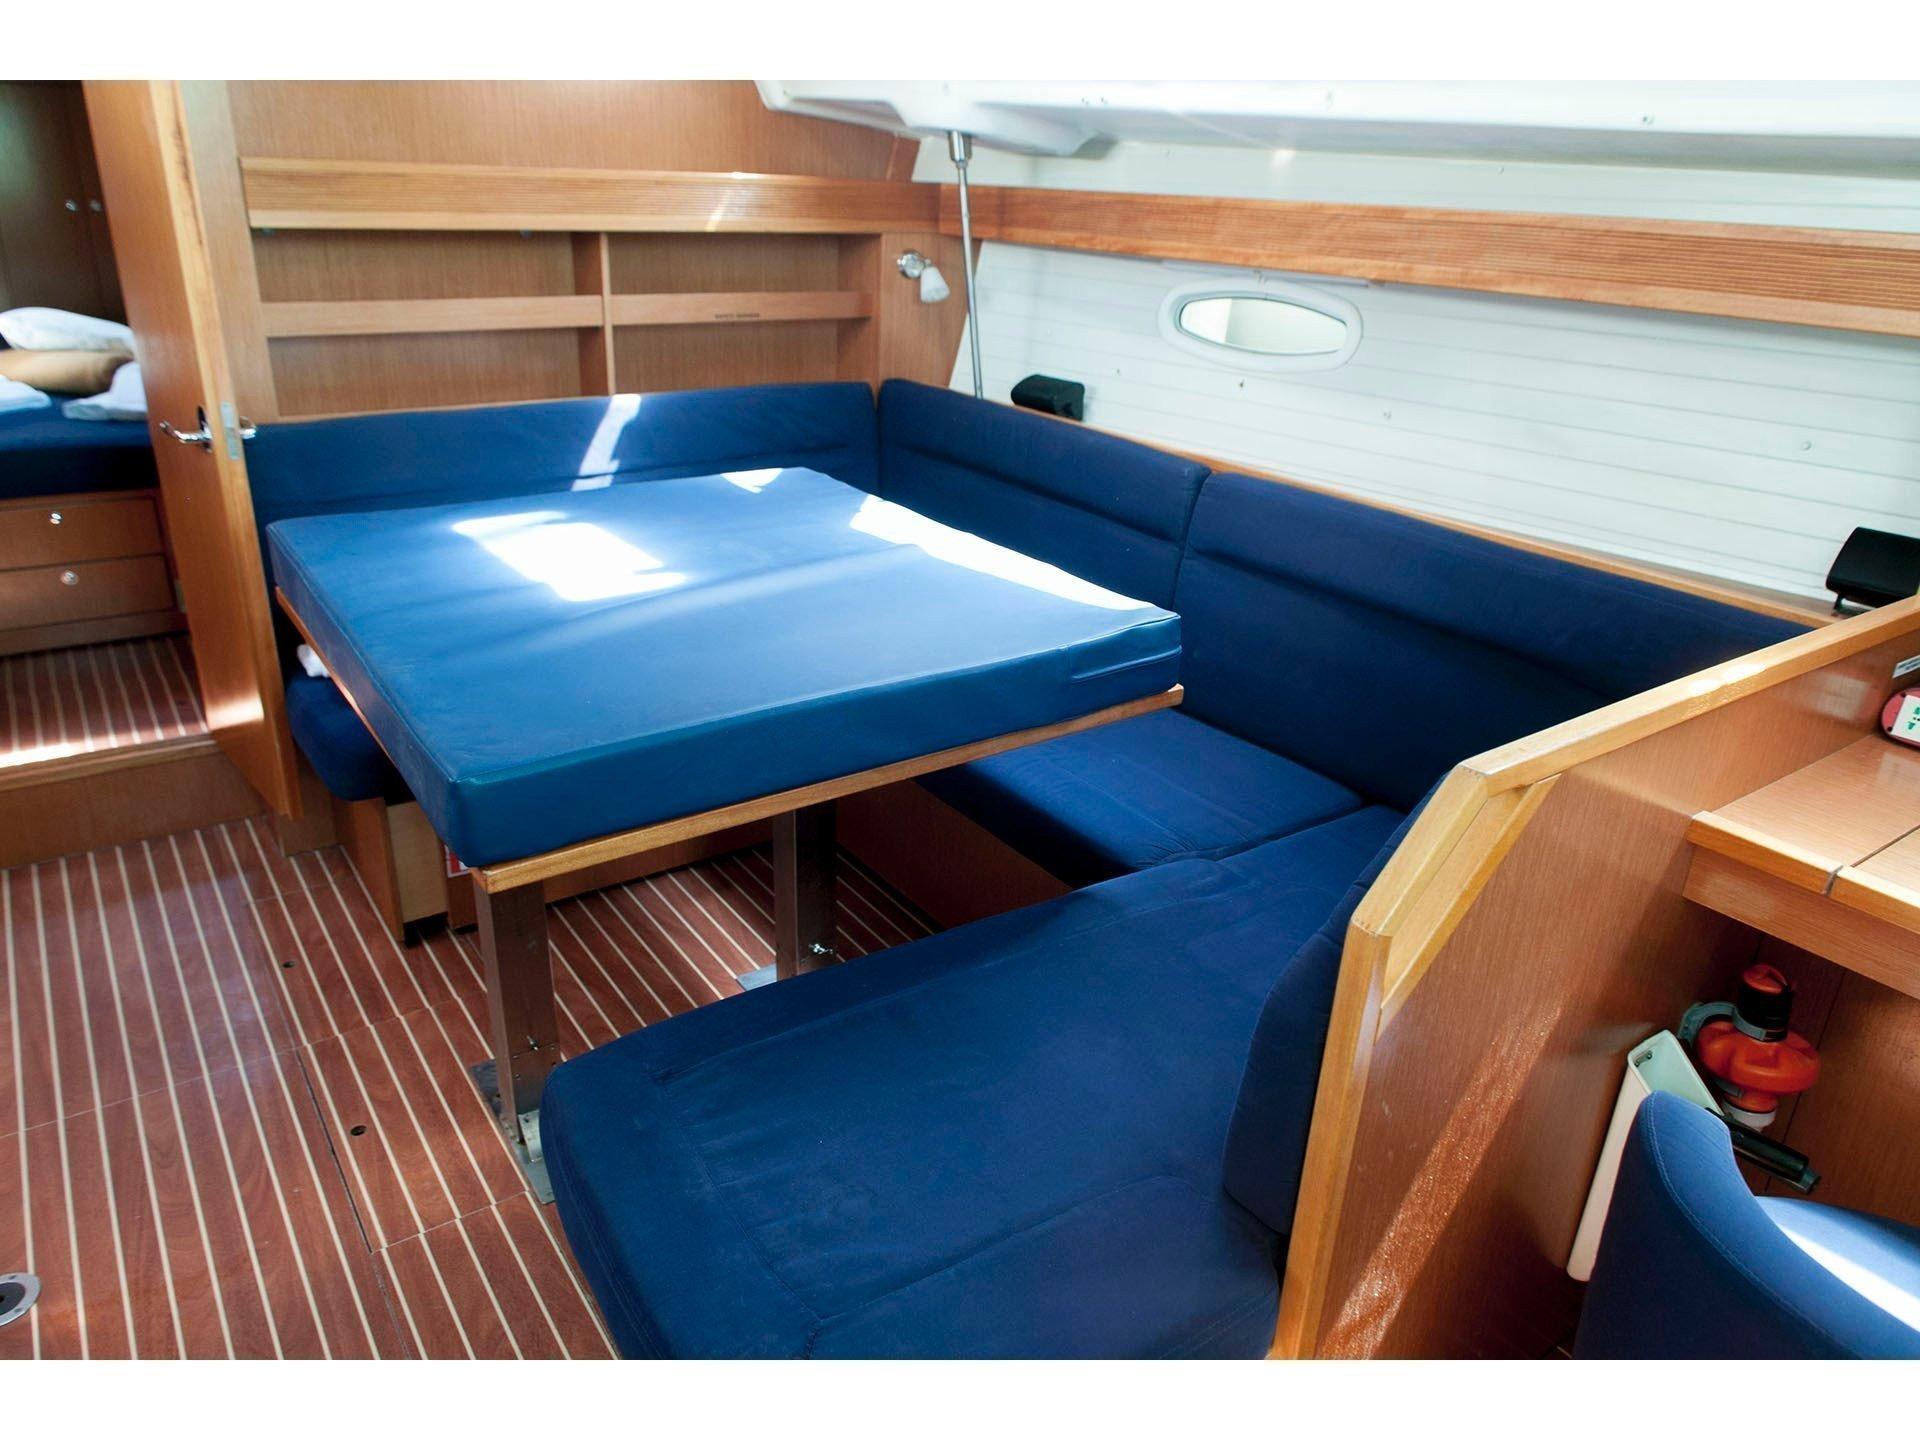 Bavaria 43 Cruiser (S/Y Constantina) Interior image - 1